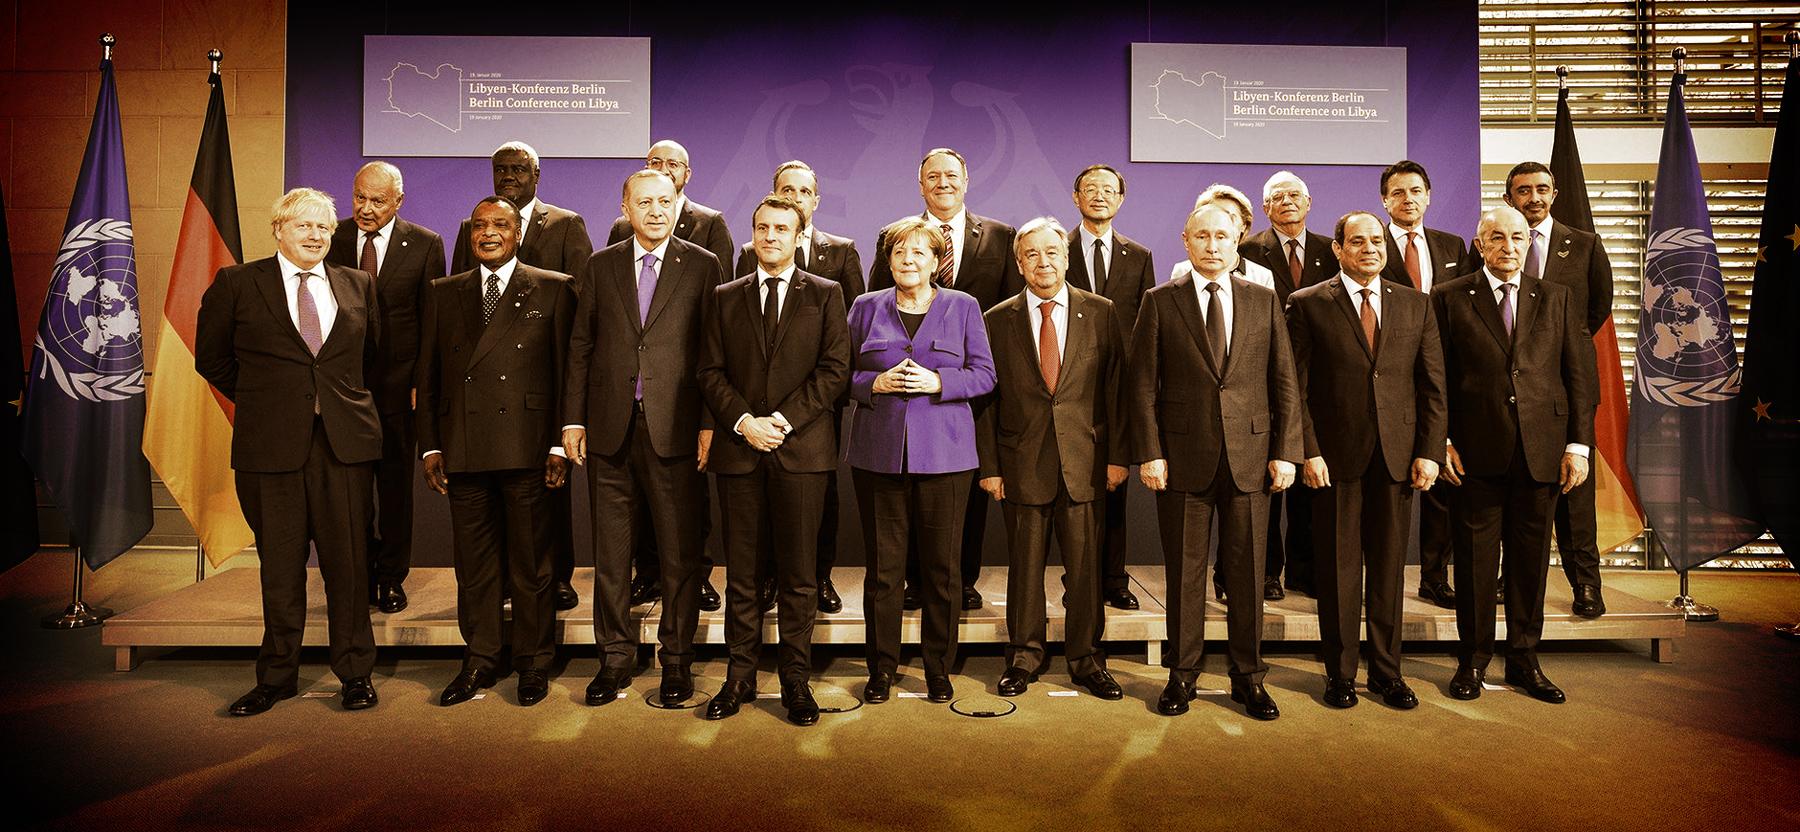 Die Lage in Libyen nach dem Berliner Gipfel <br>  <span id='sec-title'>Frieden ohne Militär</span>